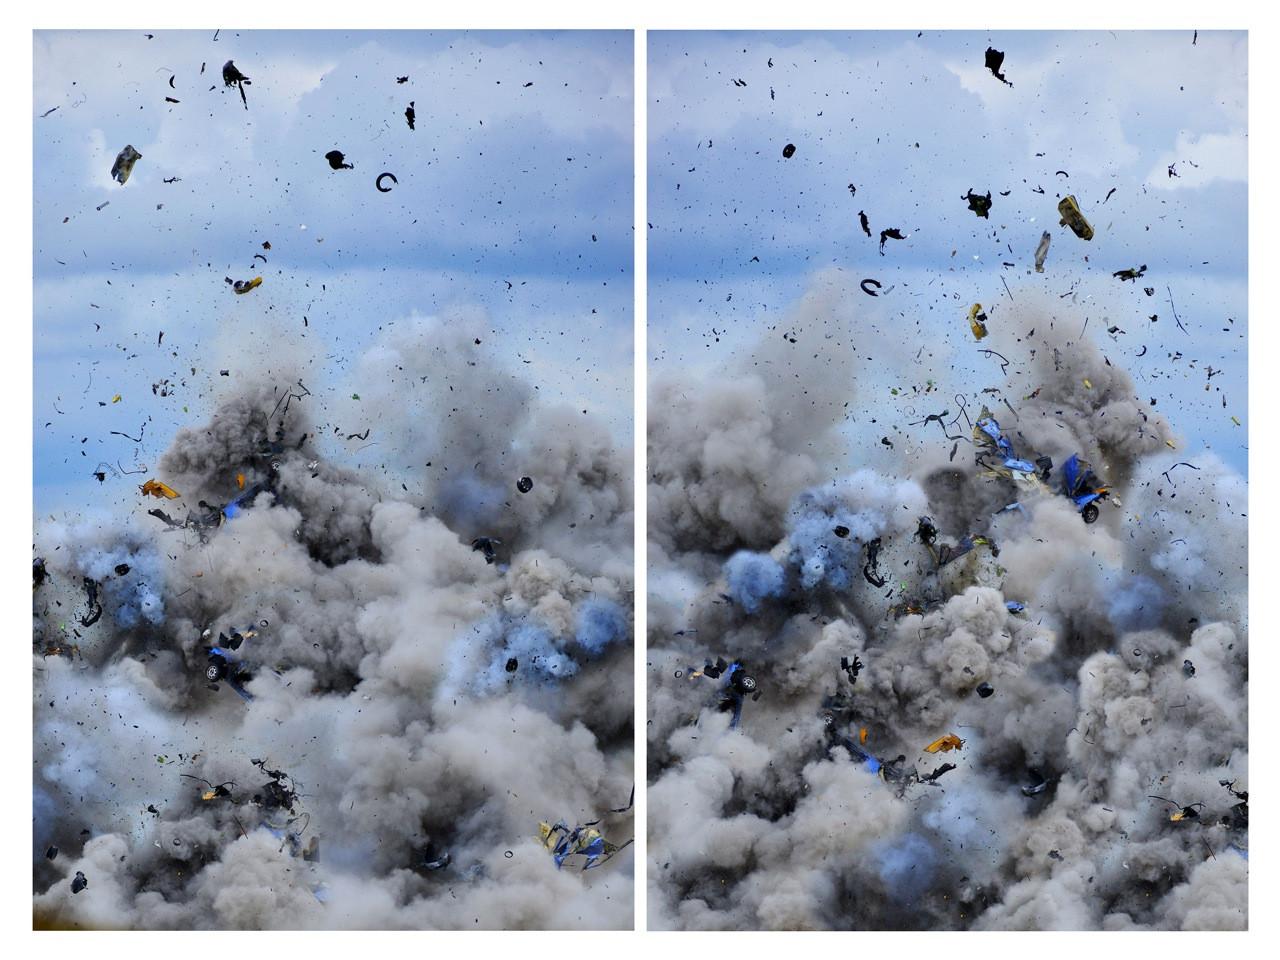 Daniel und Geo Fuchs, Explosion - Diptychon